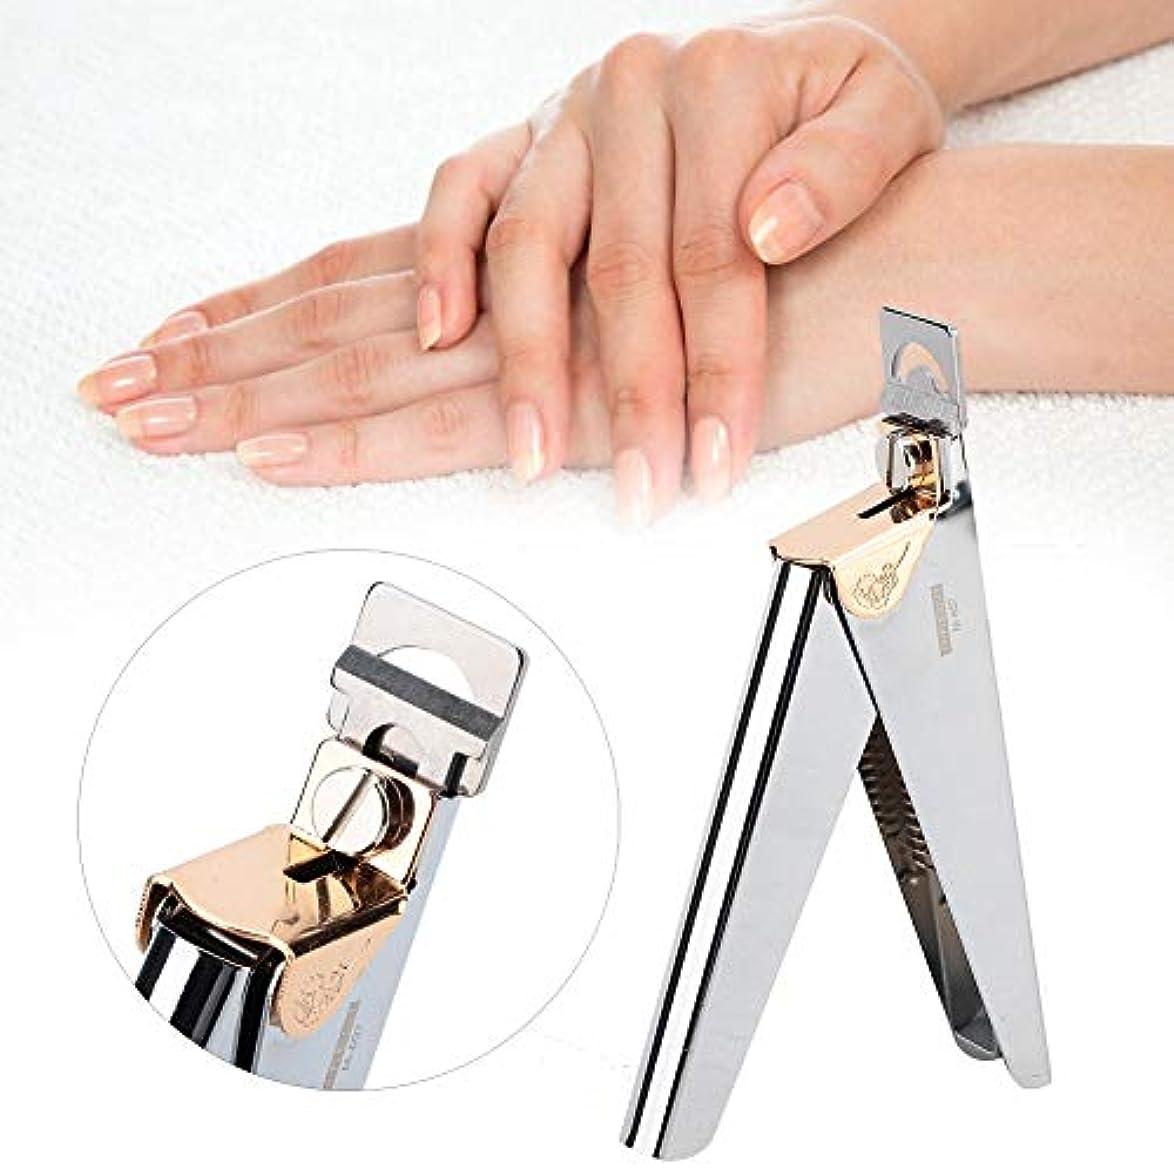 ニュージーランドノート気がついて指爪 爪ケア ネイルチップクリッパーカッター フランス式 プロ U字型ネイルアートクリッパーはさみ - マニキュア偽ネイルチップカッター - ステンレス鋼